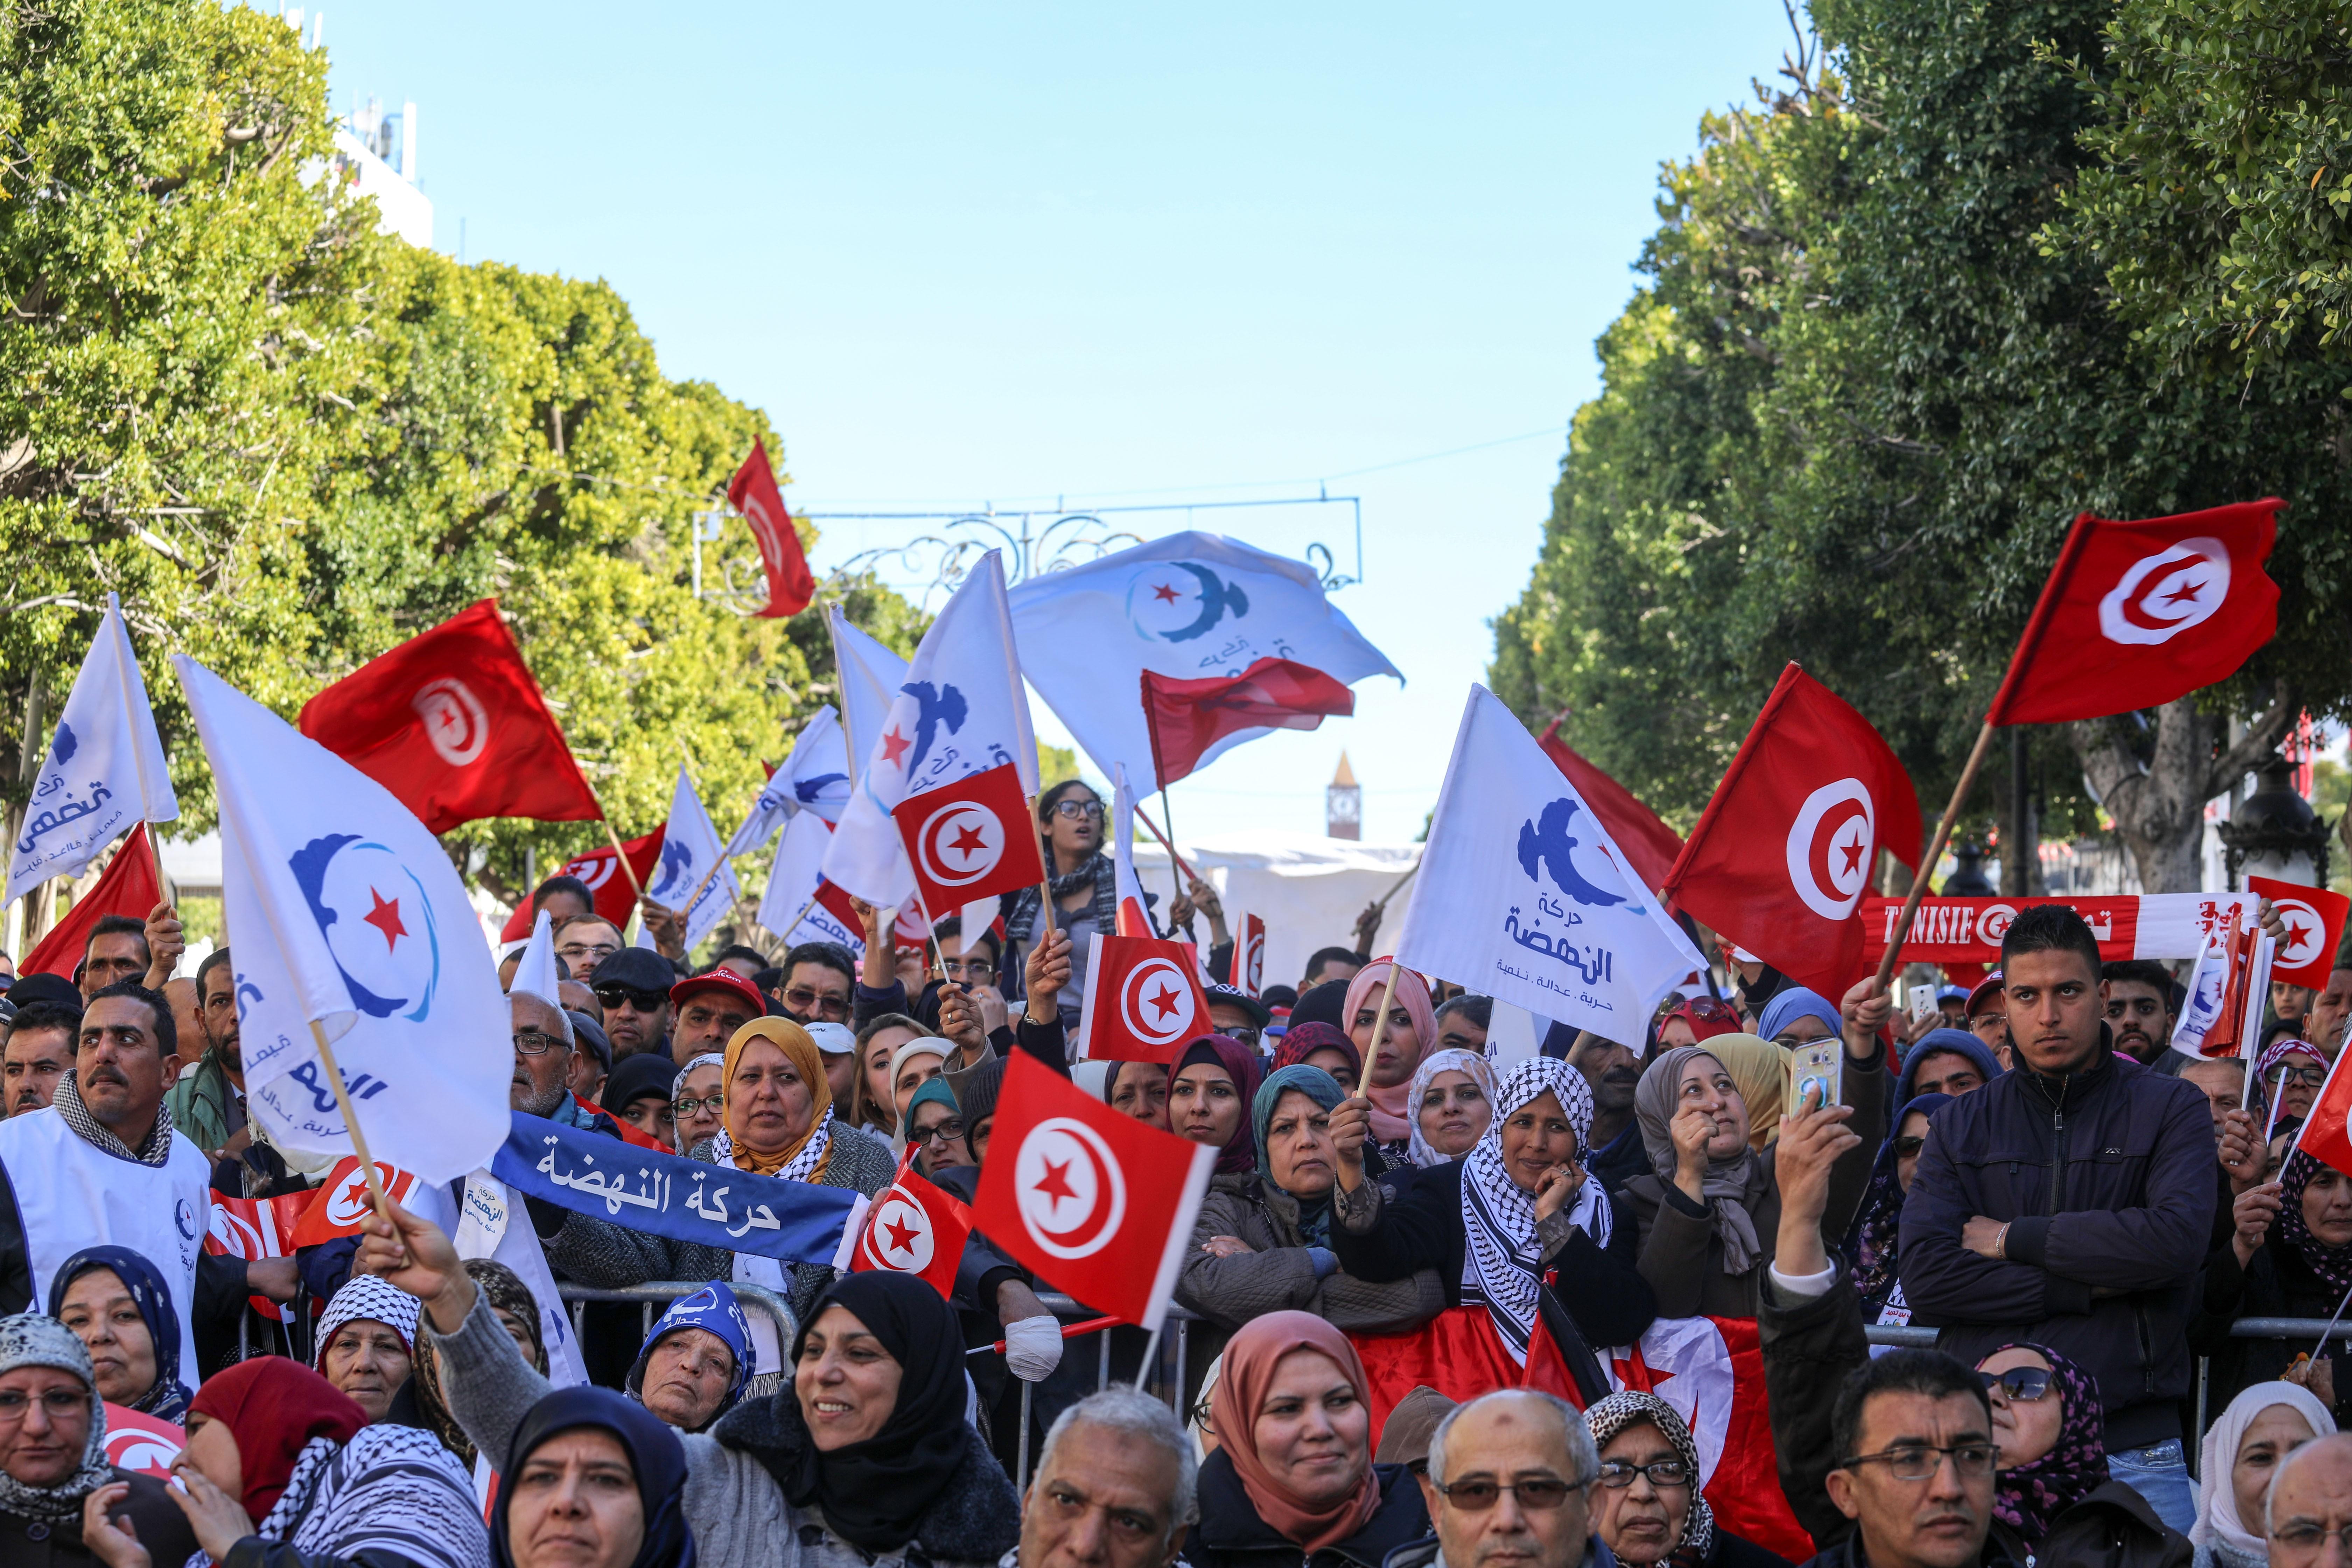 Extra segélyekkel csitítanák a tüntető szegényeket Tunéziában